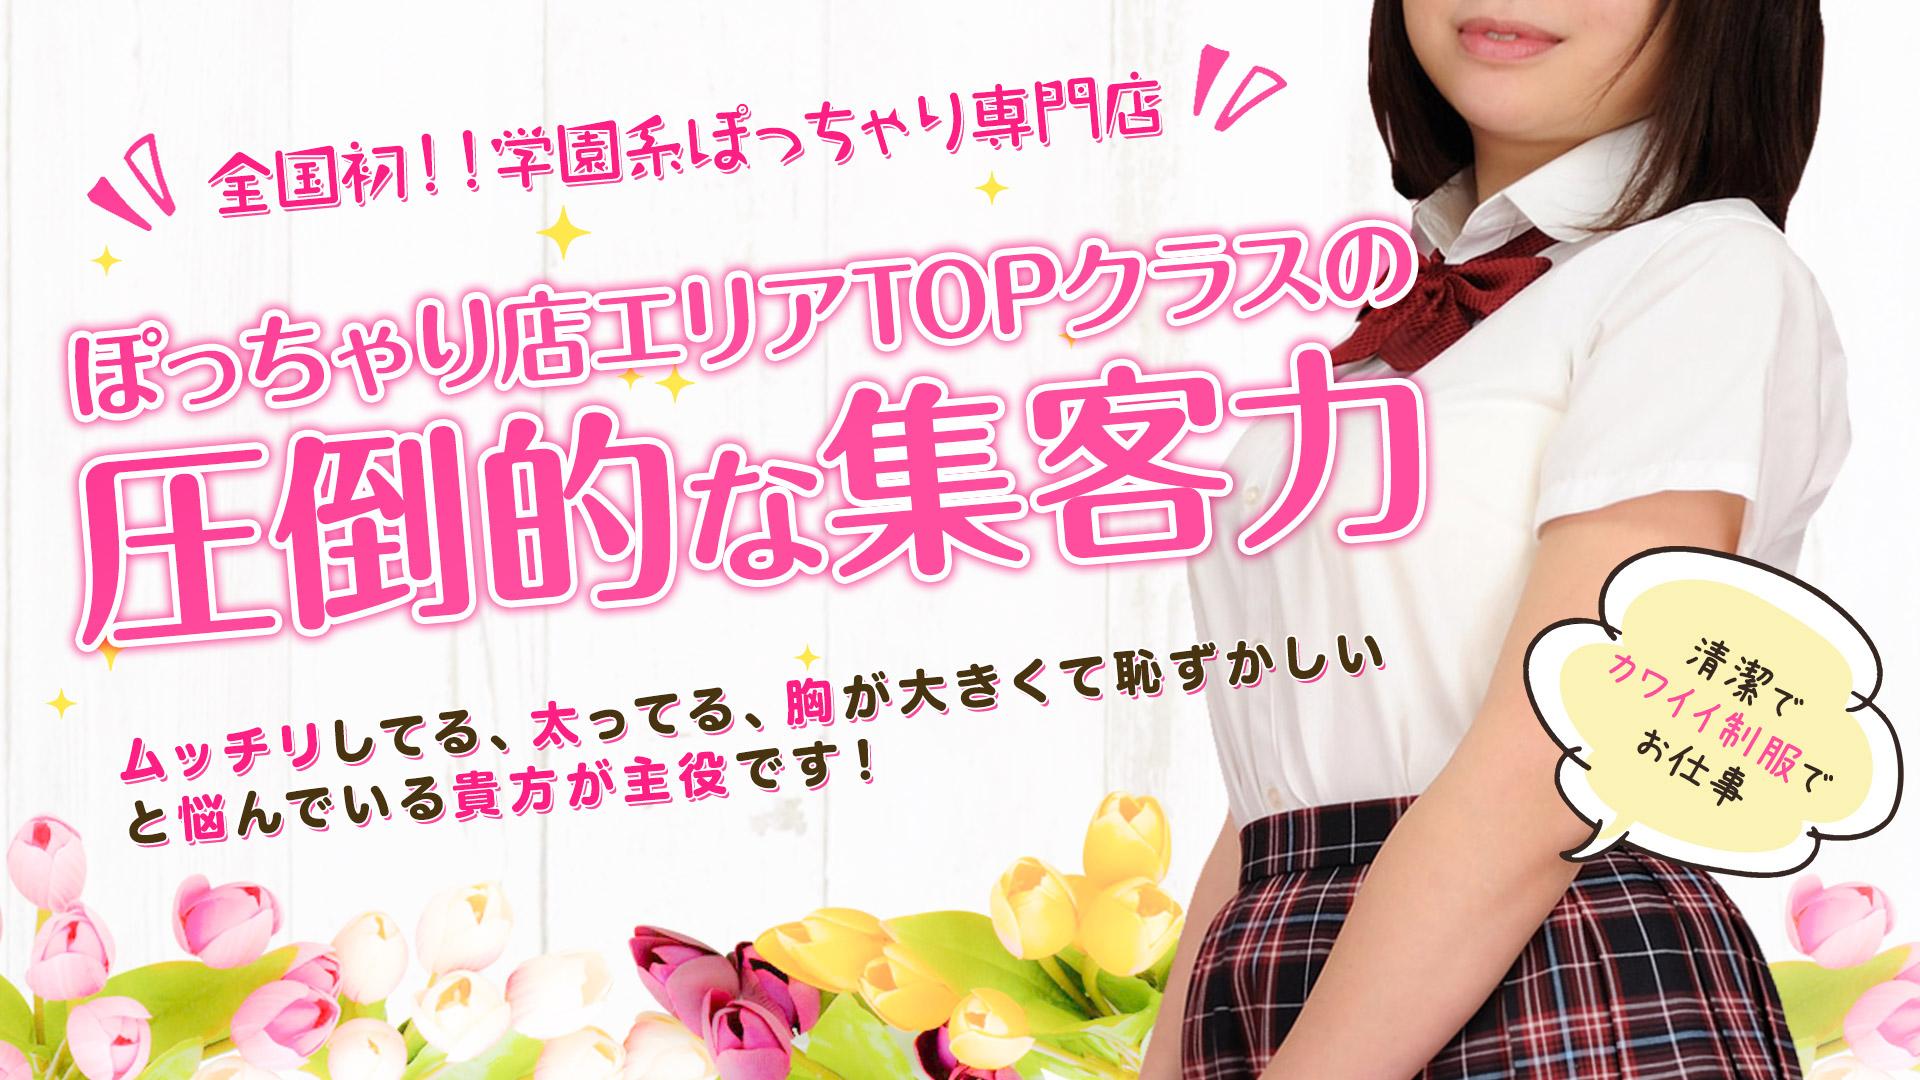 梅田ムチぽよ女学院の求人画像